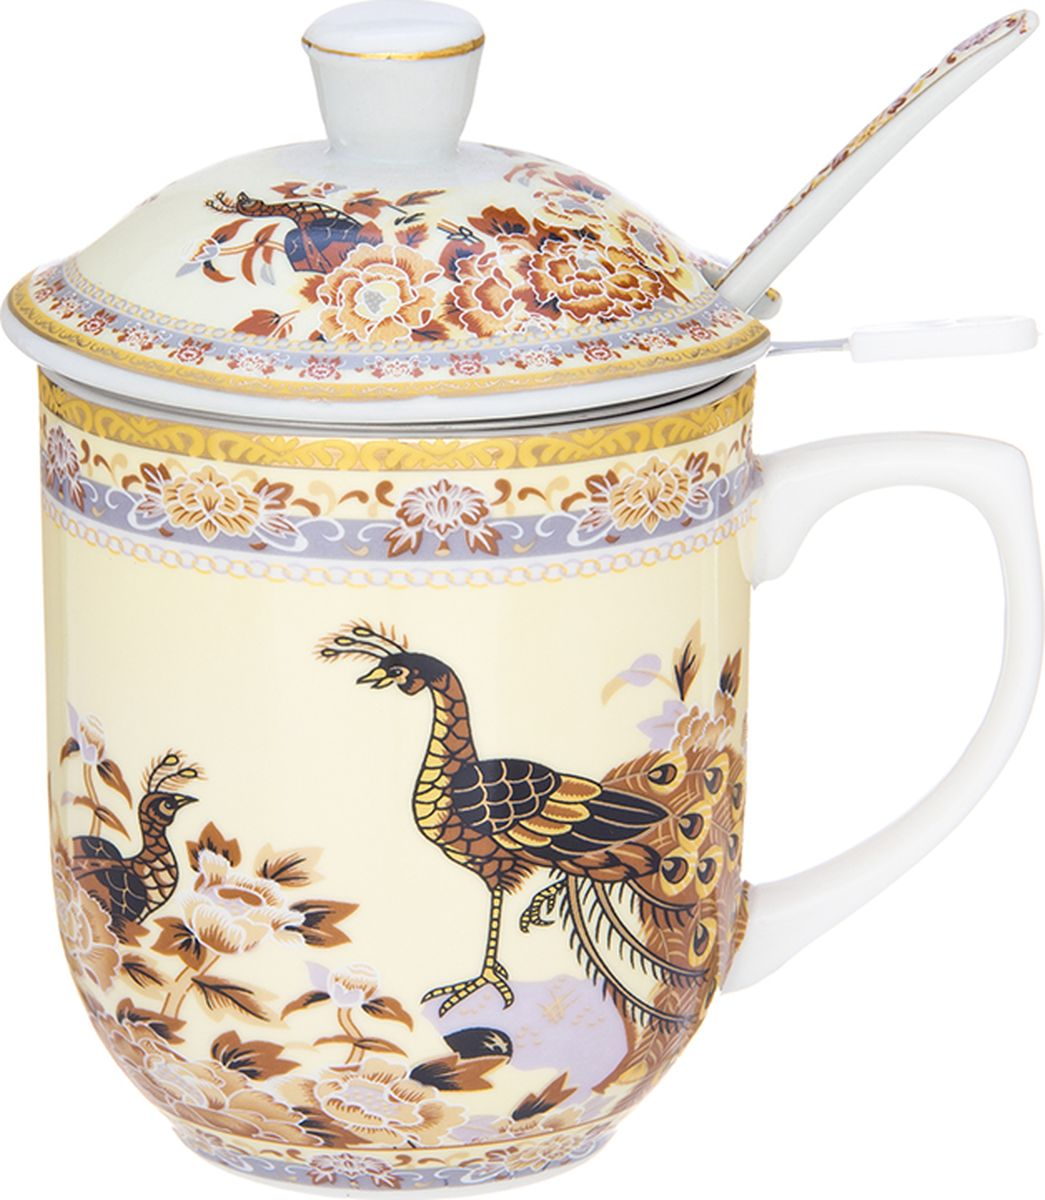 Кружка Elan Gallery Павлин на бежевом, с ложкой, 350 мл. 730666730666Кружка с металлическим ситом и ложкой для заваривания чая станет прекрасным подарком и послужит верой и правдой в повседневной жизни.